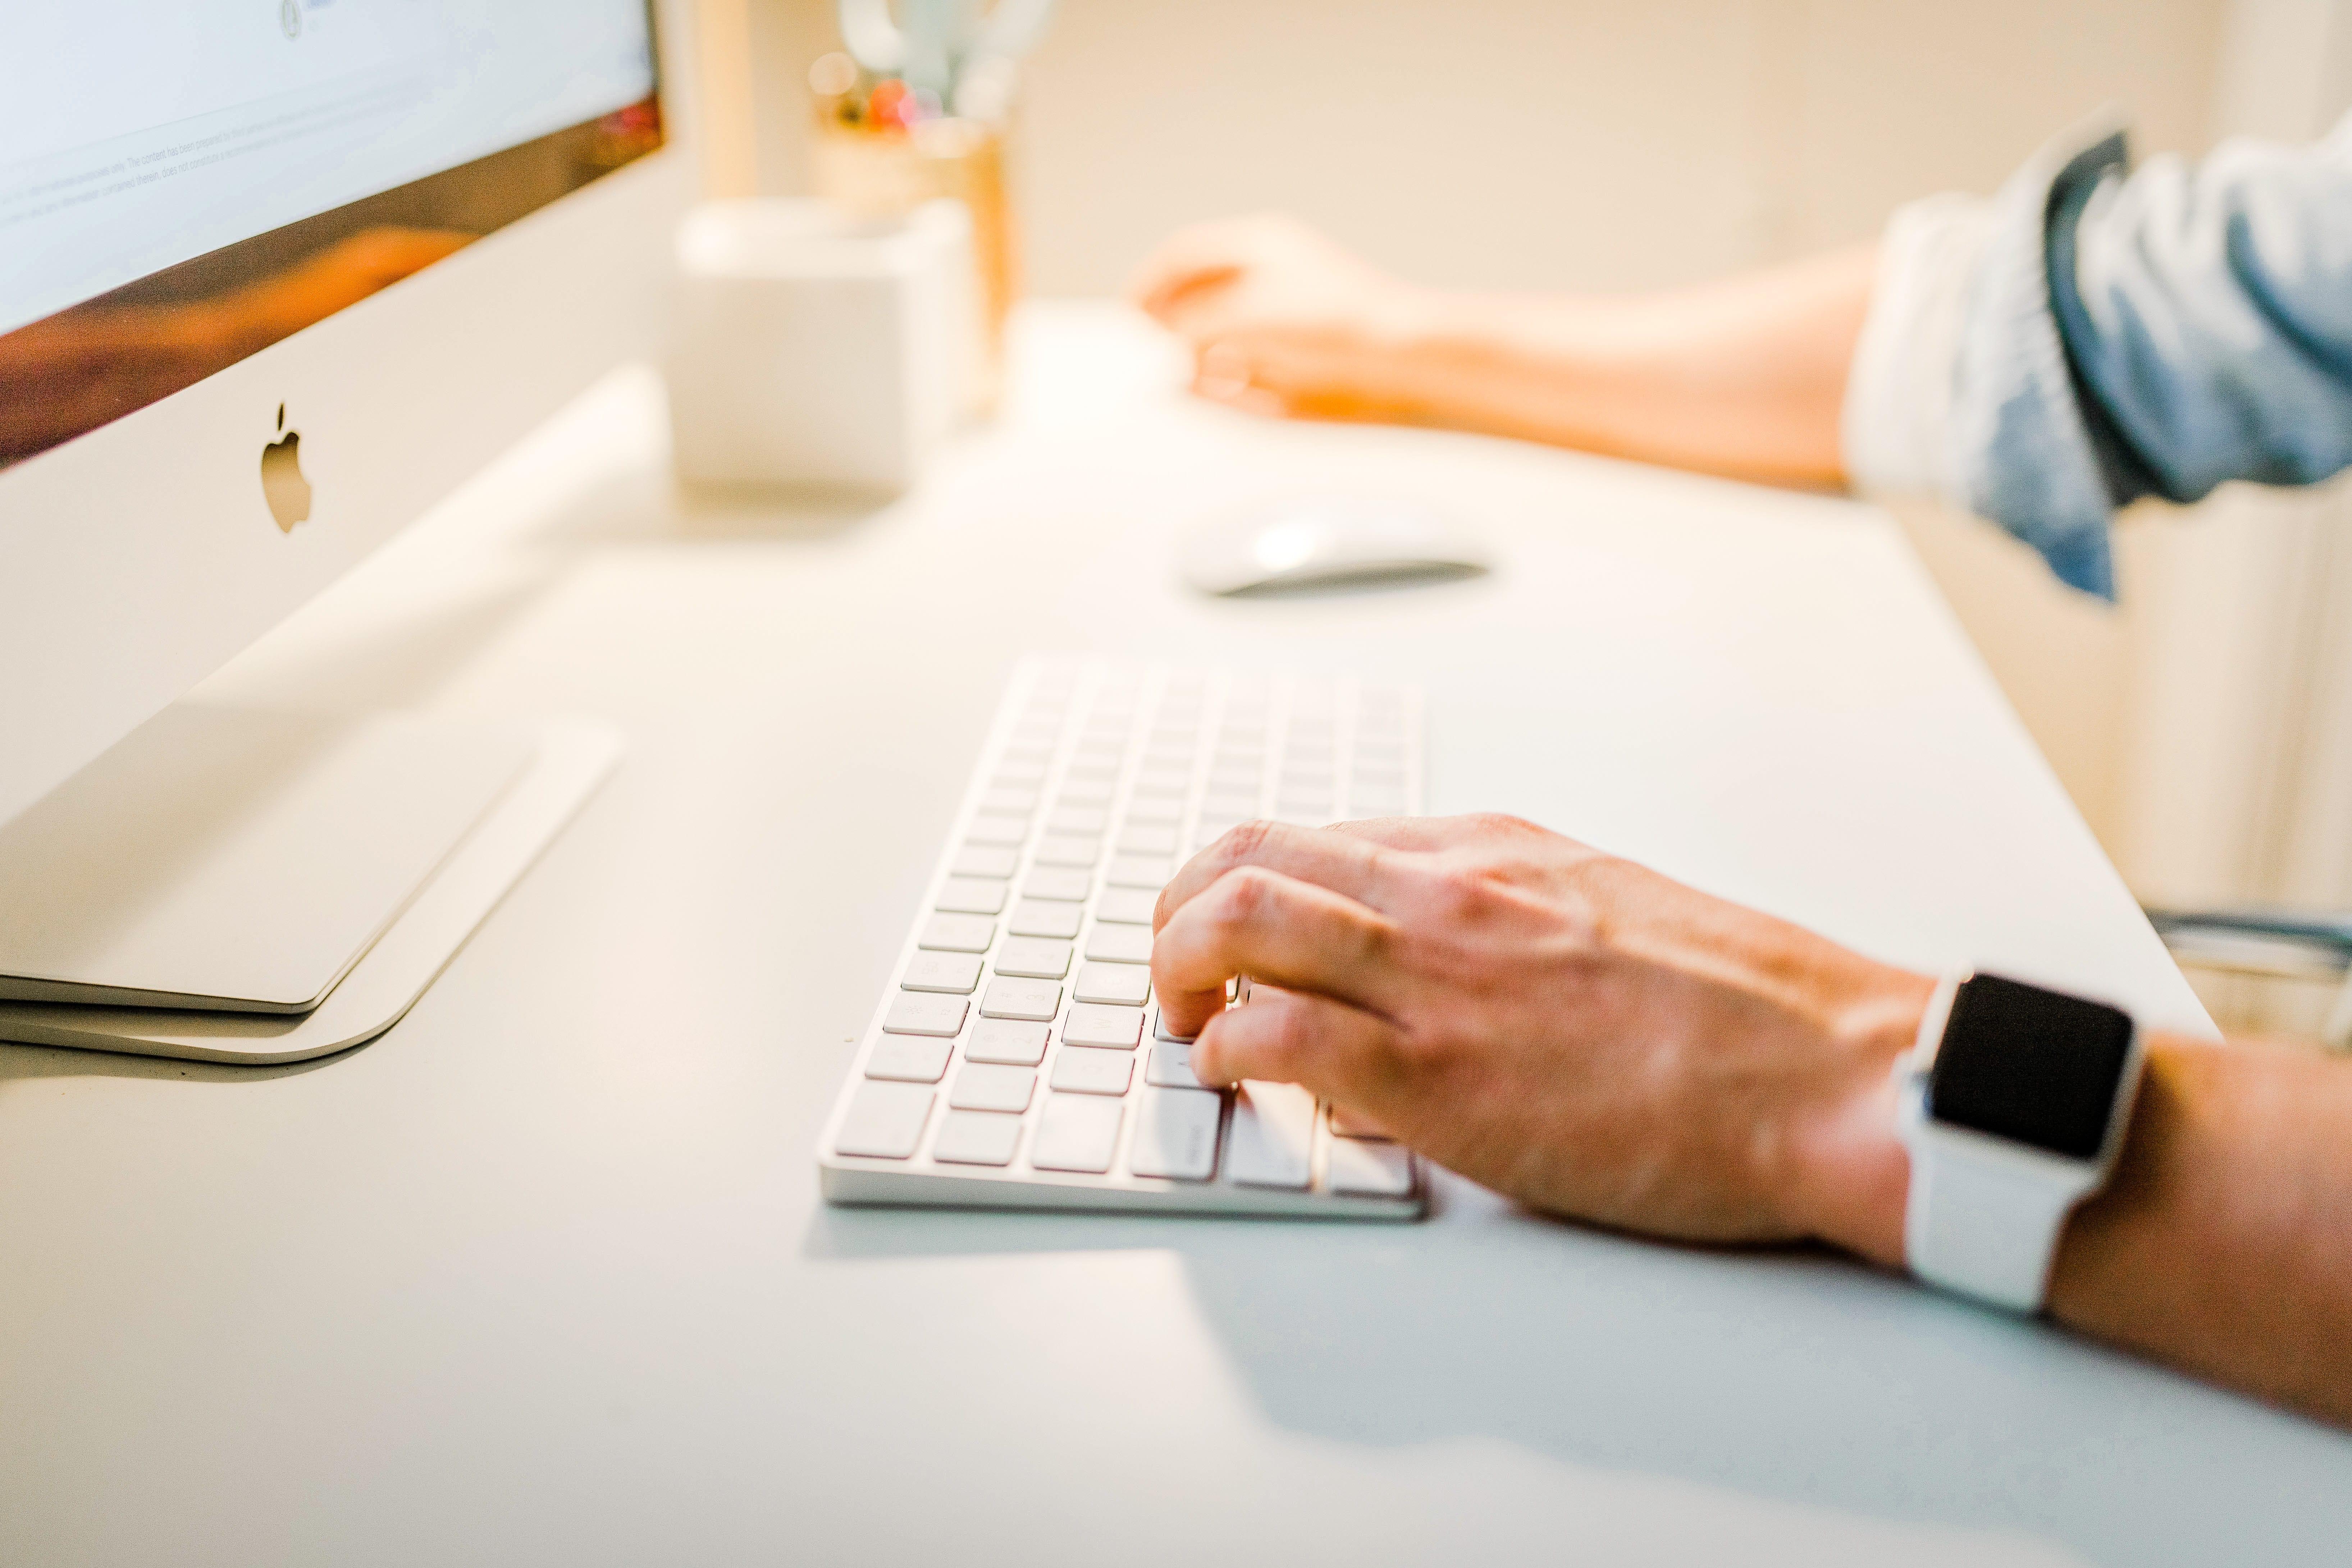 desk keyboard